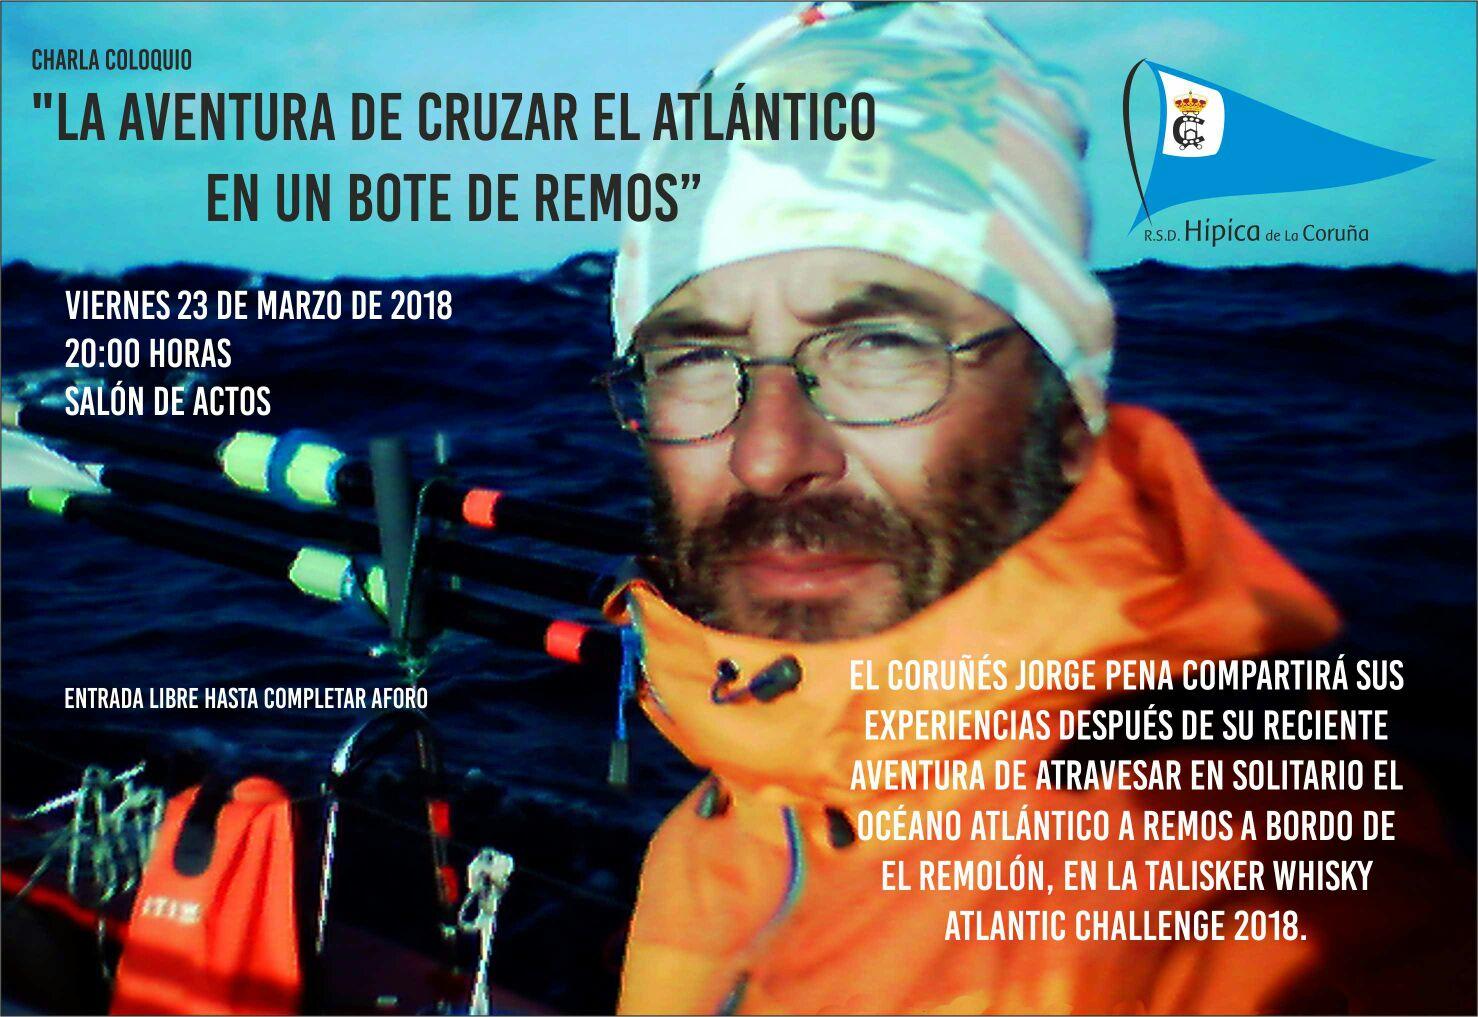 la aventuira de cruzar el atlántico en un bote de remos